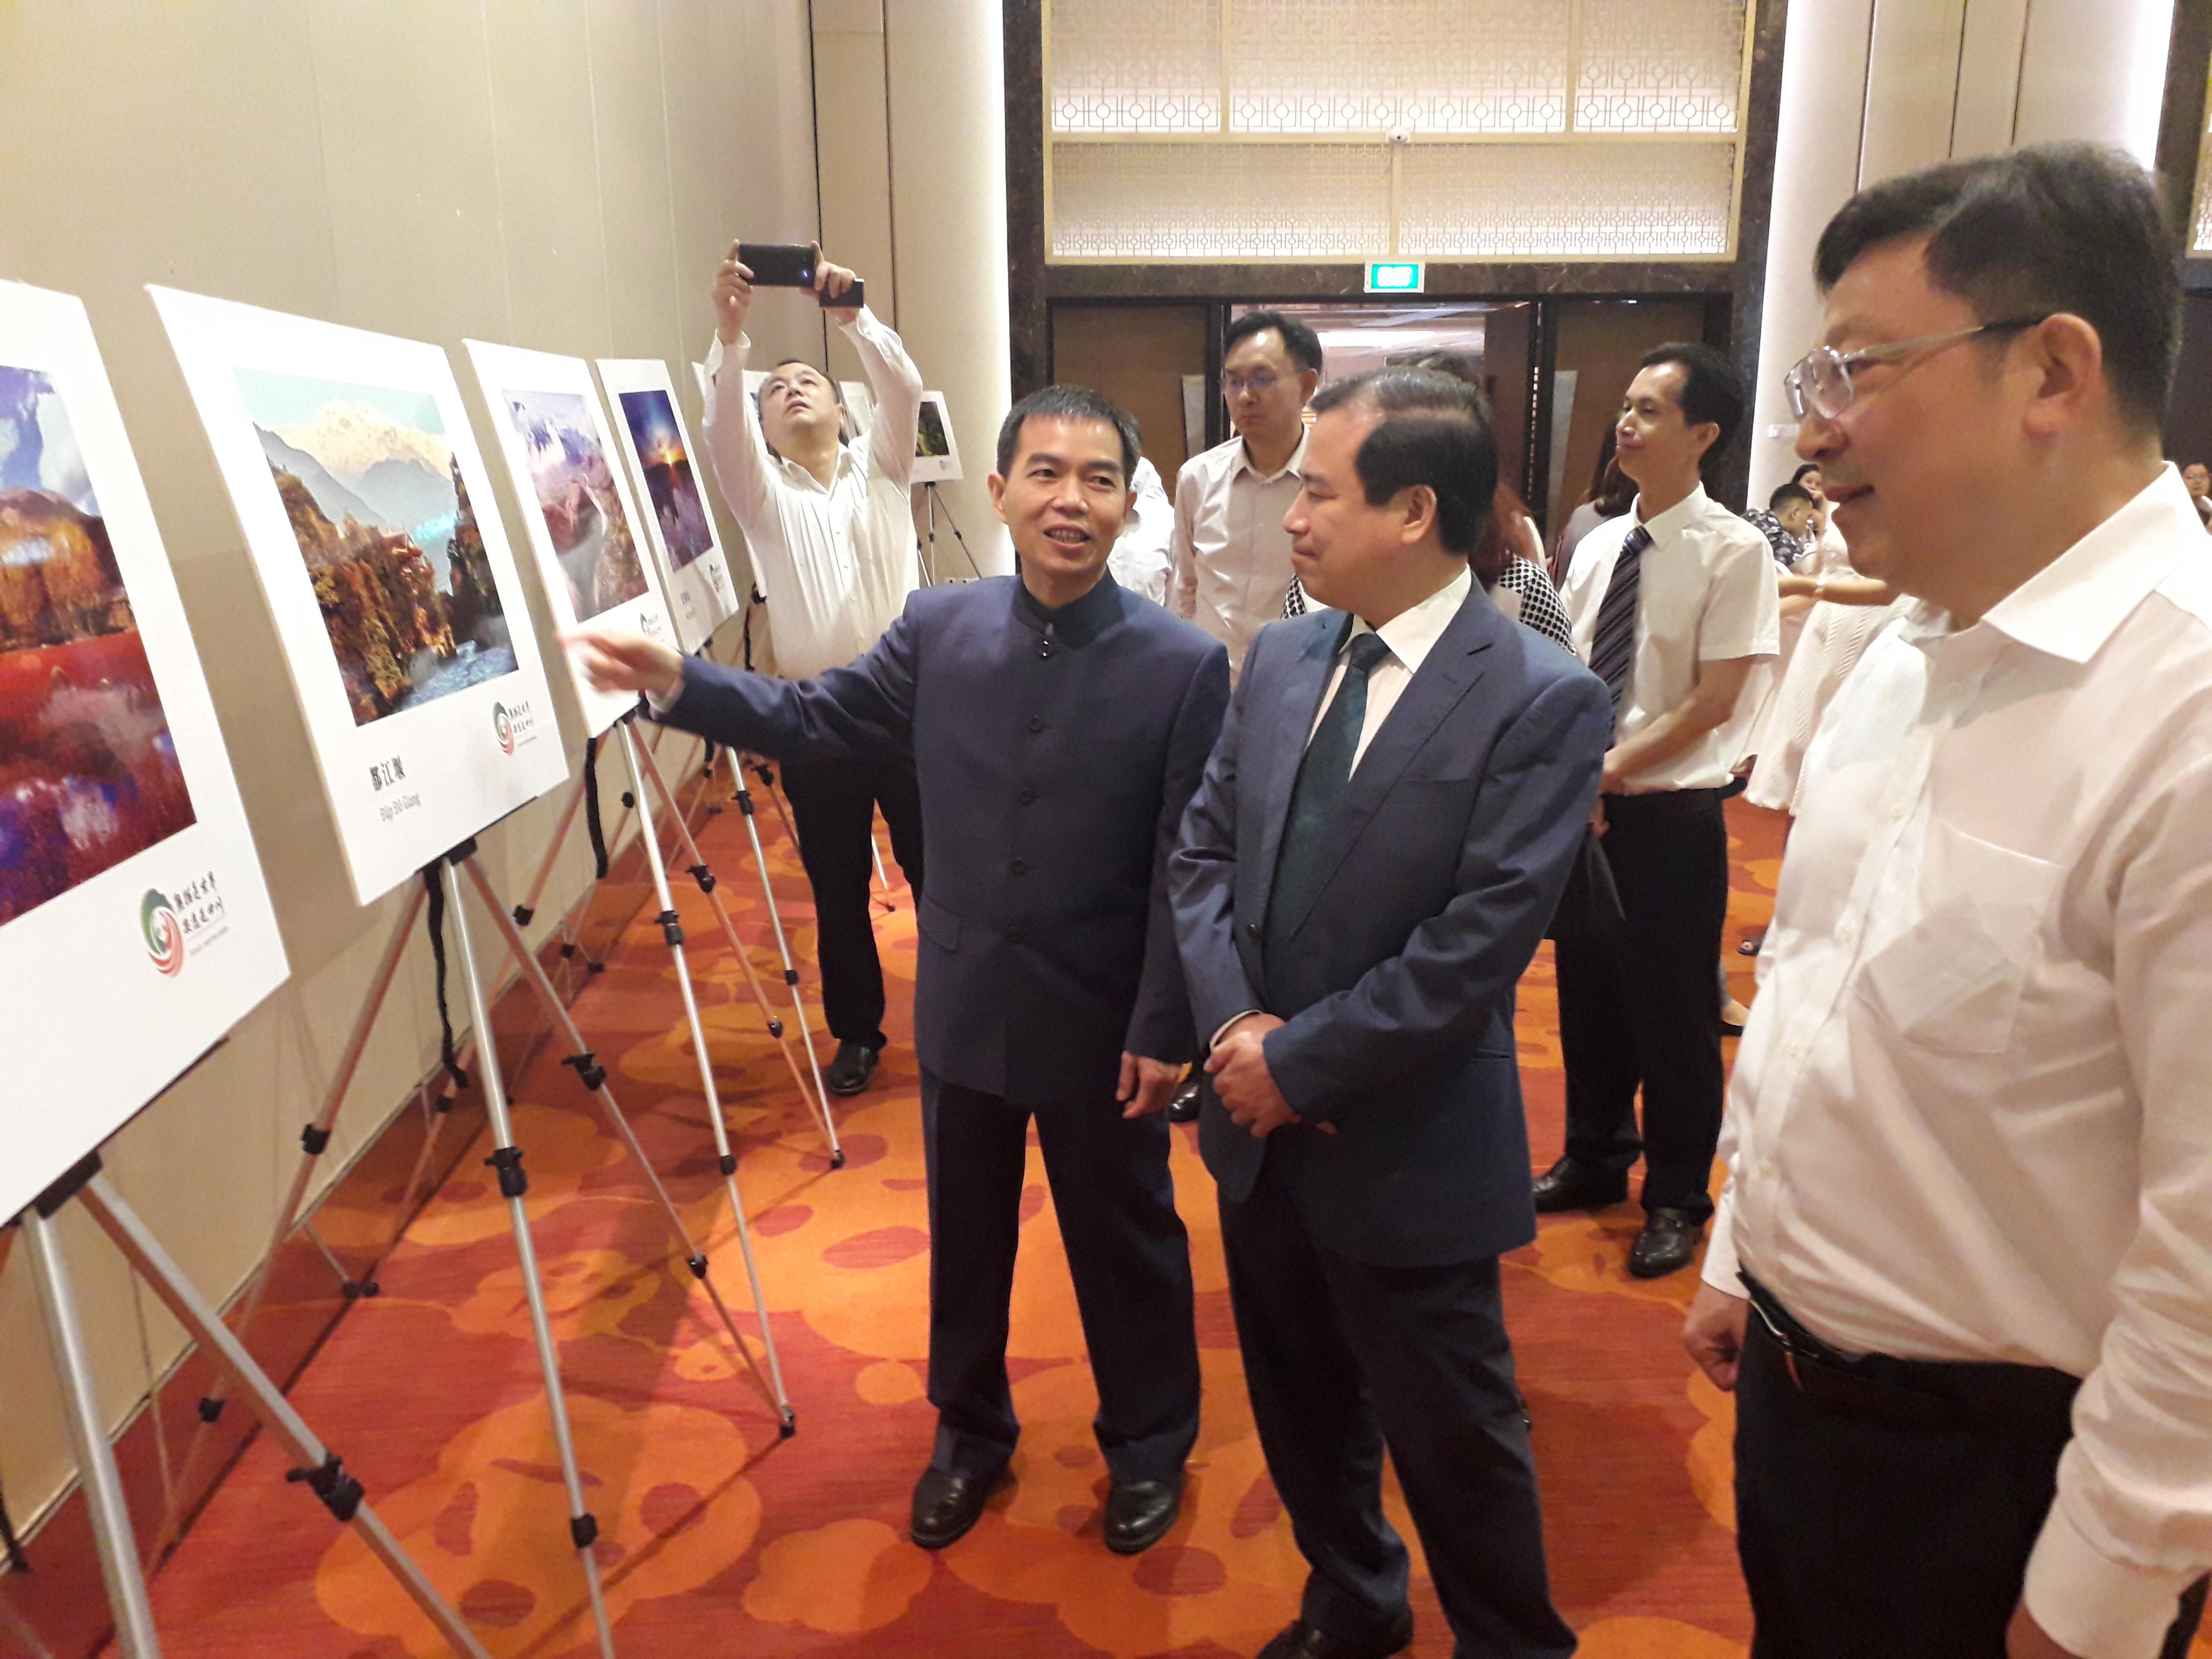 Phó Tổng cục trưởng Hà Văn Siêu tham dự Hội nghị giới thiệu du lịch Thành Đô (Trung Quốc) tại Hà Nội